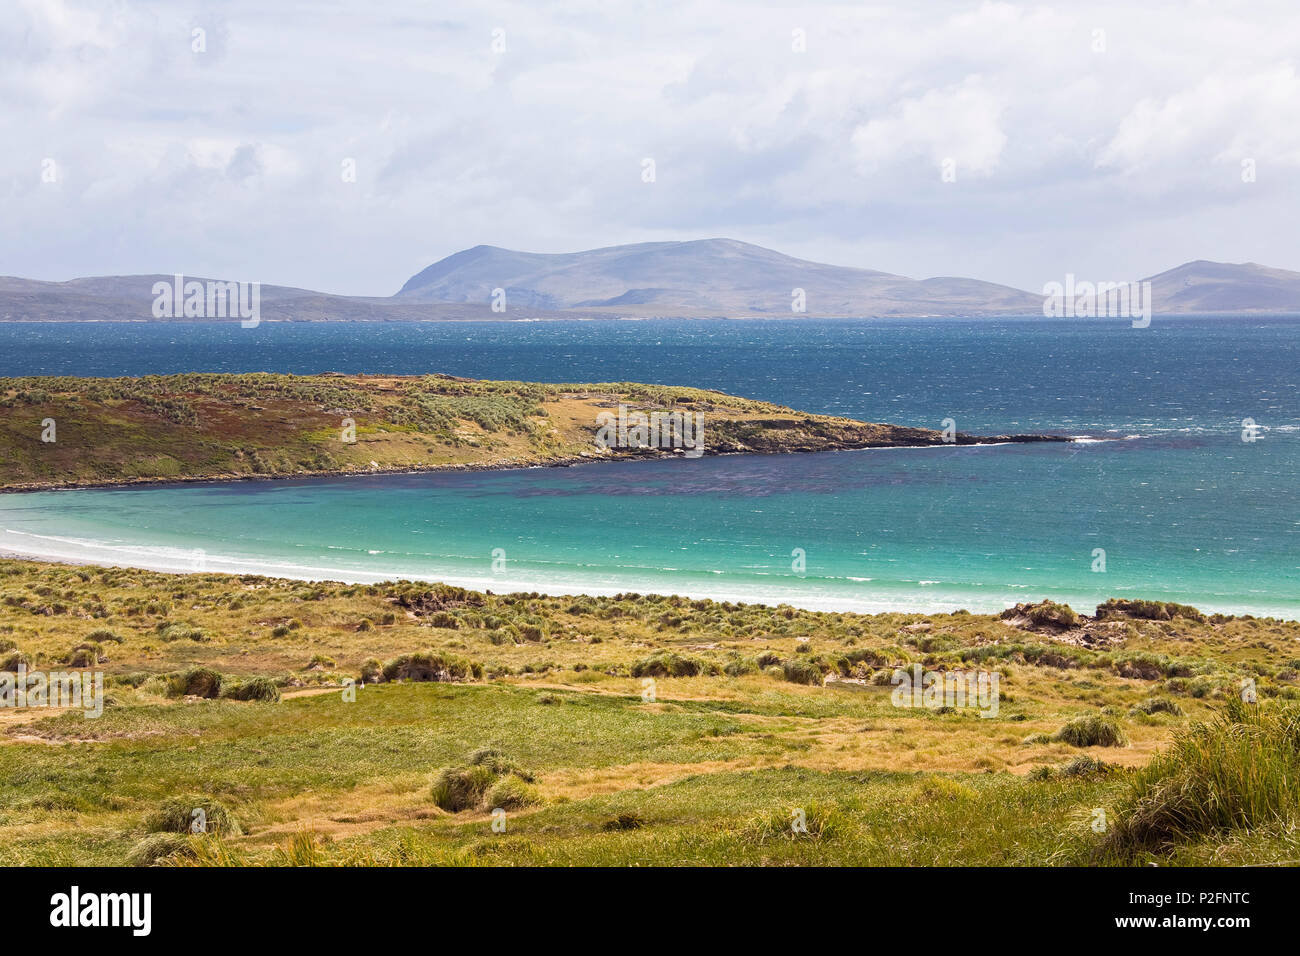 Falkland Inseln, Malwinen, britisch, britisches ueberseegebiet, Suedamerika, Sued Atlantik - Stock Image